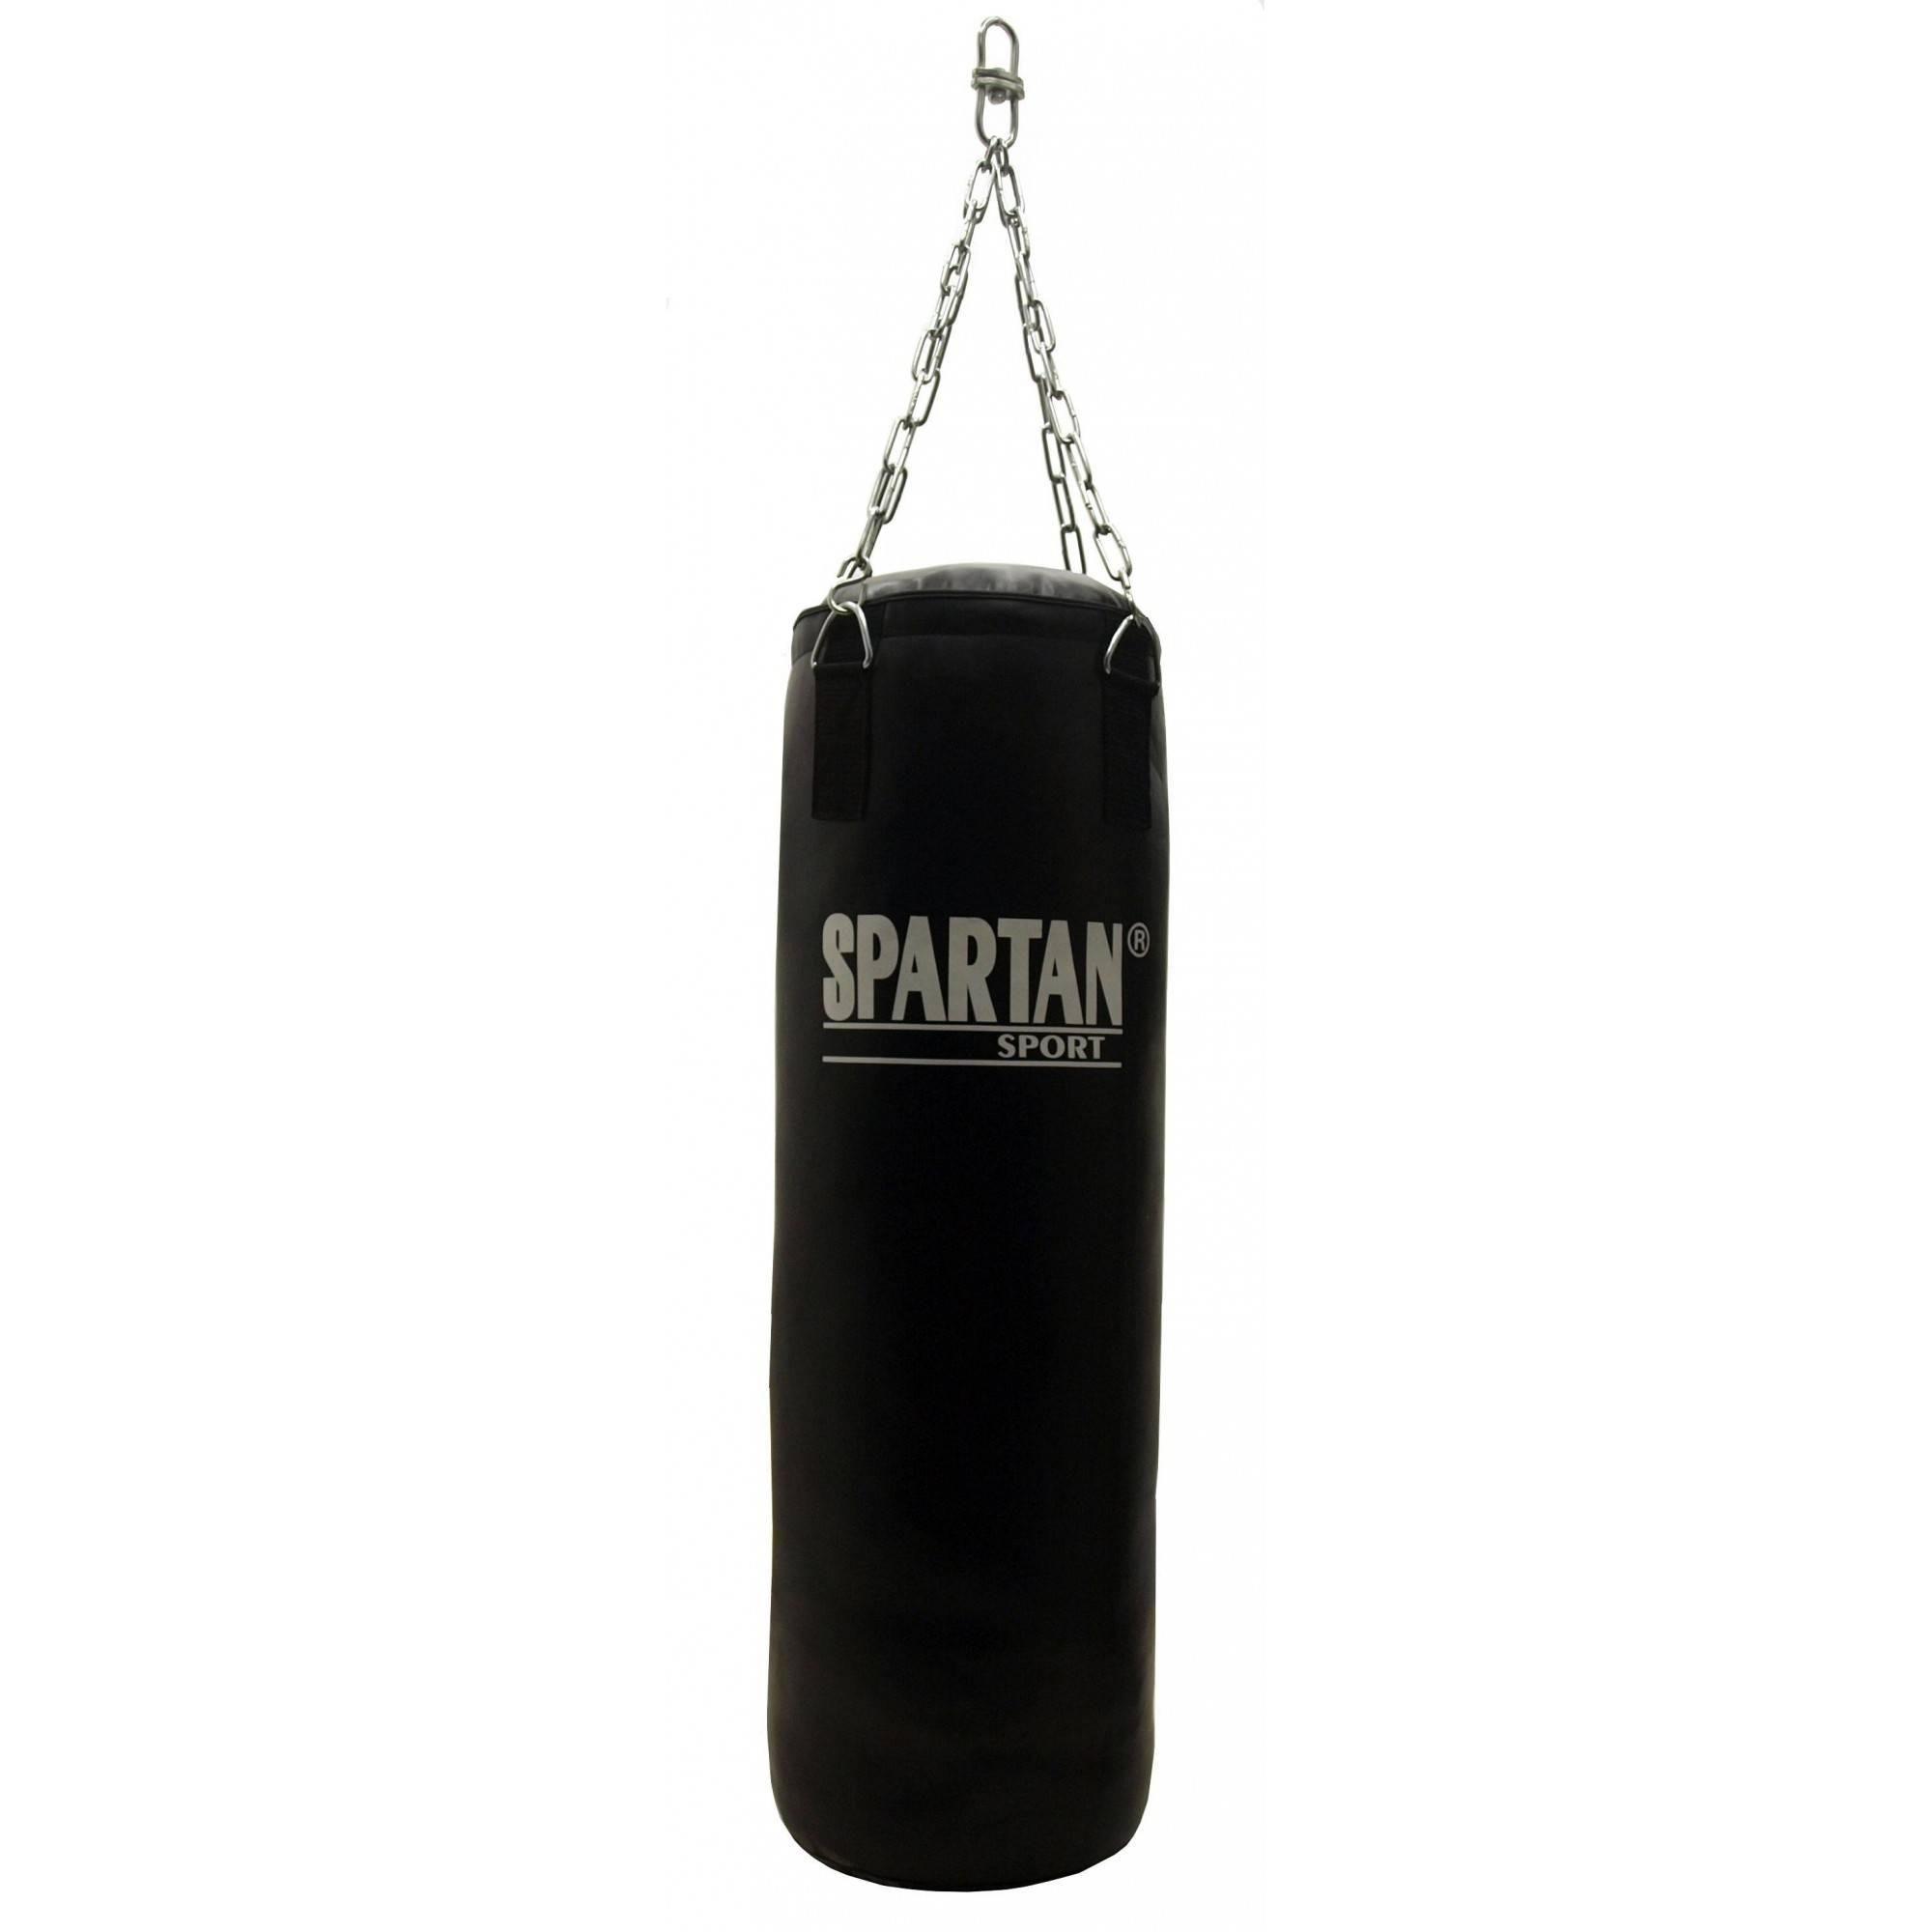 Worek bokserski 20kg SPARTAN SPORT 90x30cm czarny z wypełnieniem,producent: SPARTAN SPORT, zdjecie photo: 1   online shop klubfi